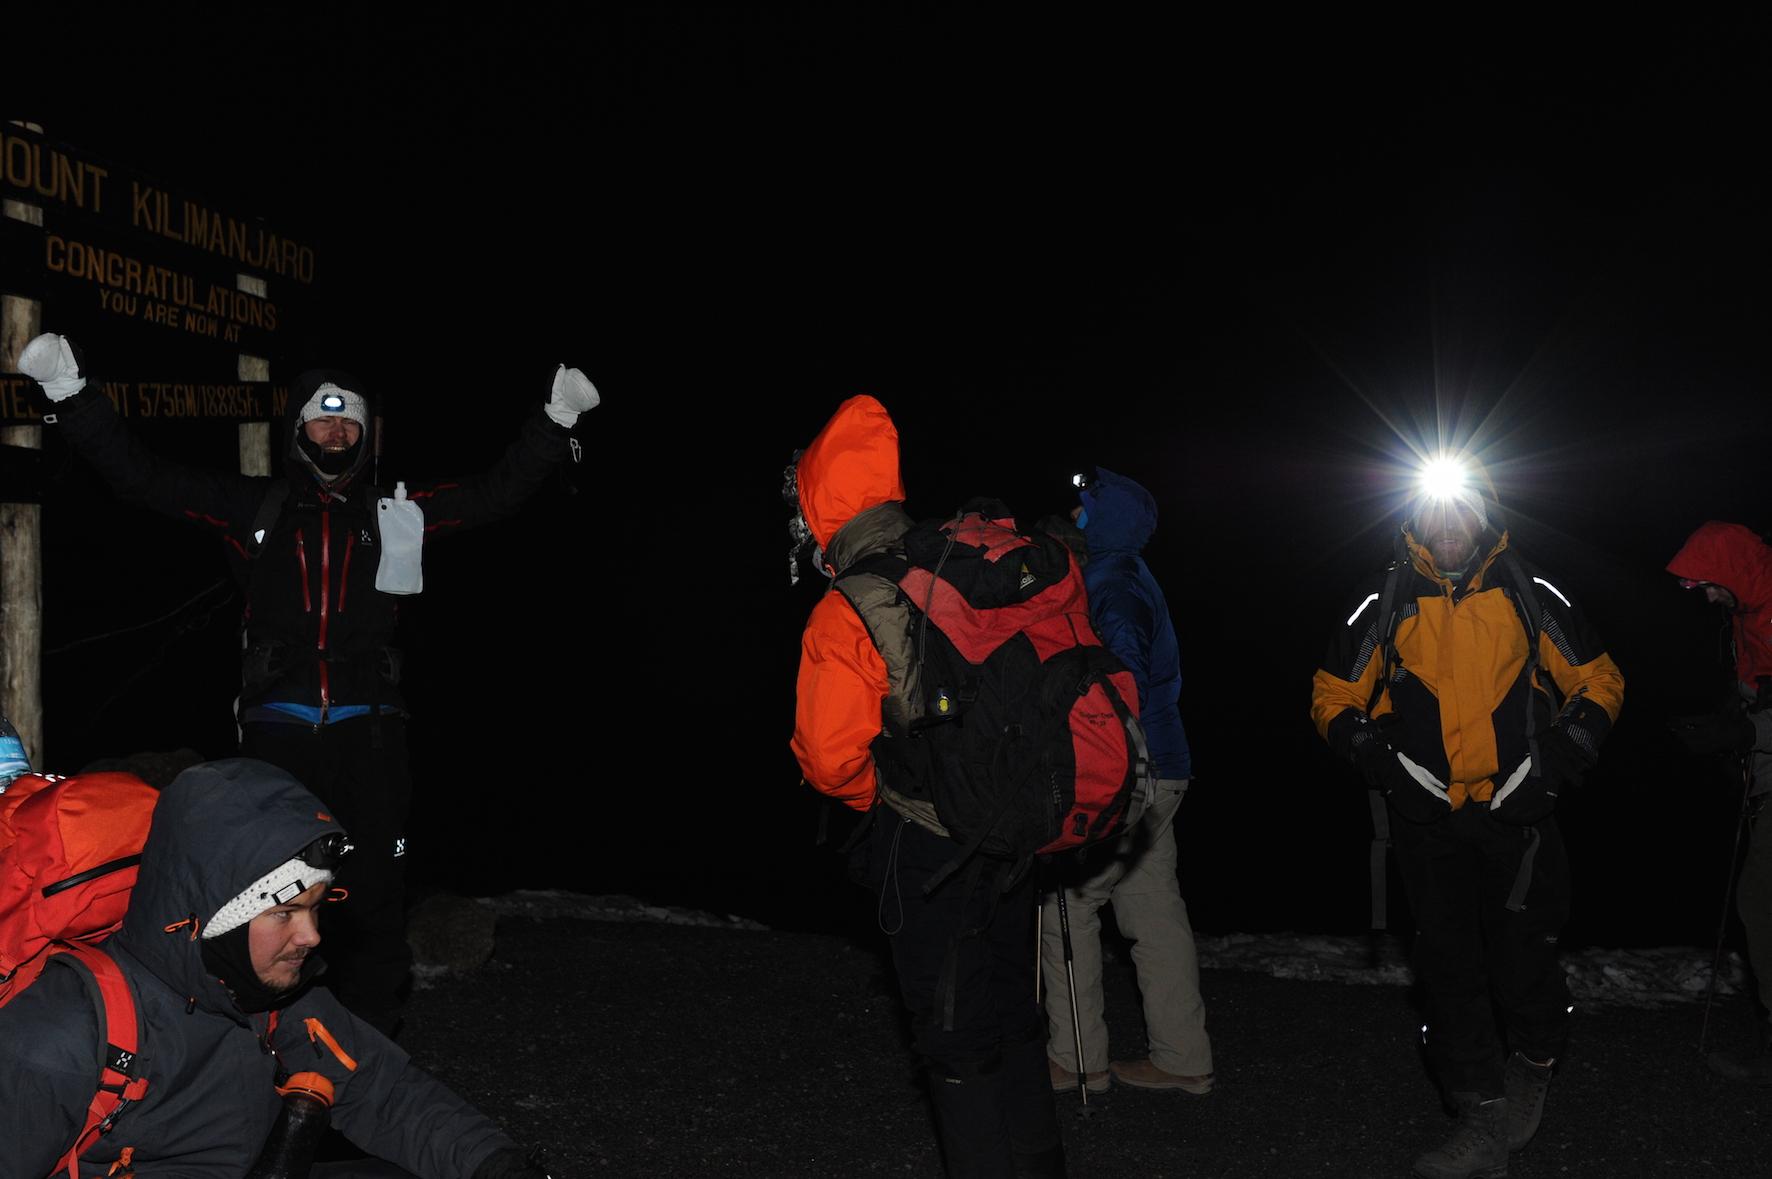 kilimanjaro-natt-vandring-snart-dar